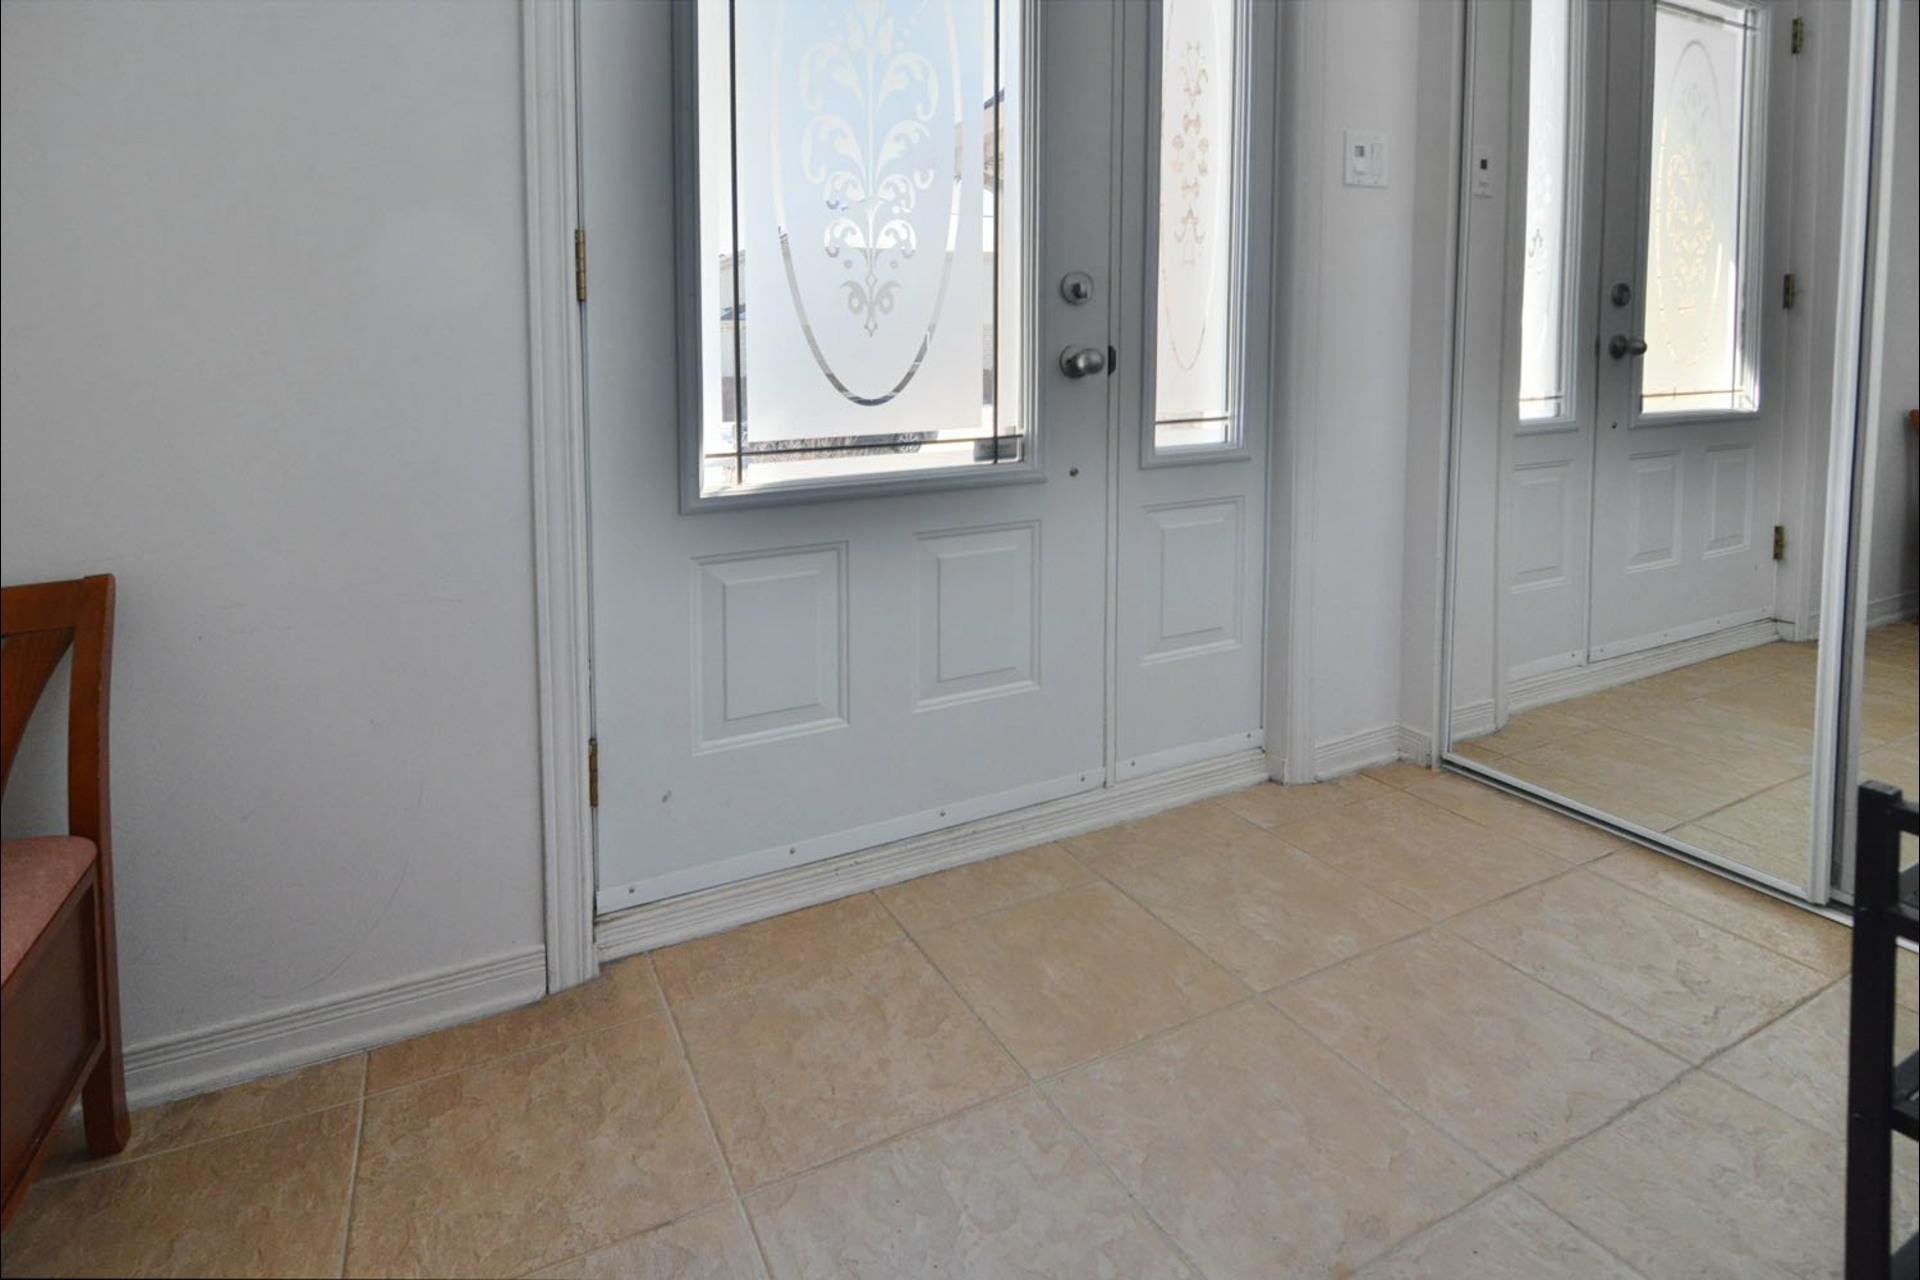 image 3 - Maison À vendre Vaudreuil-Dorion - 13 pièces